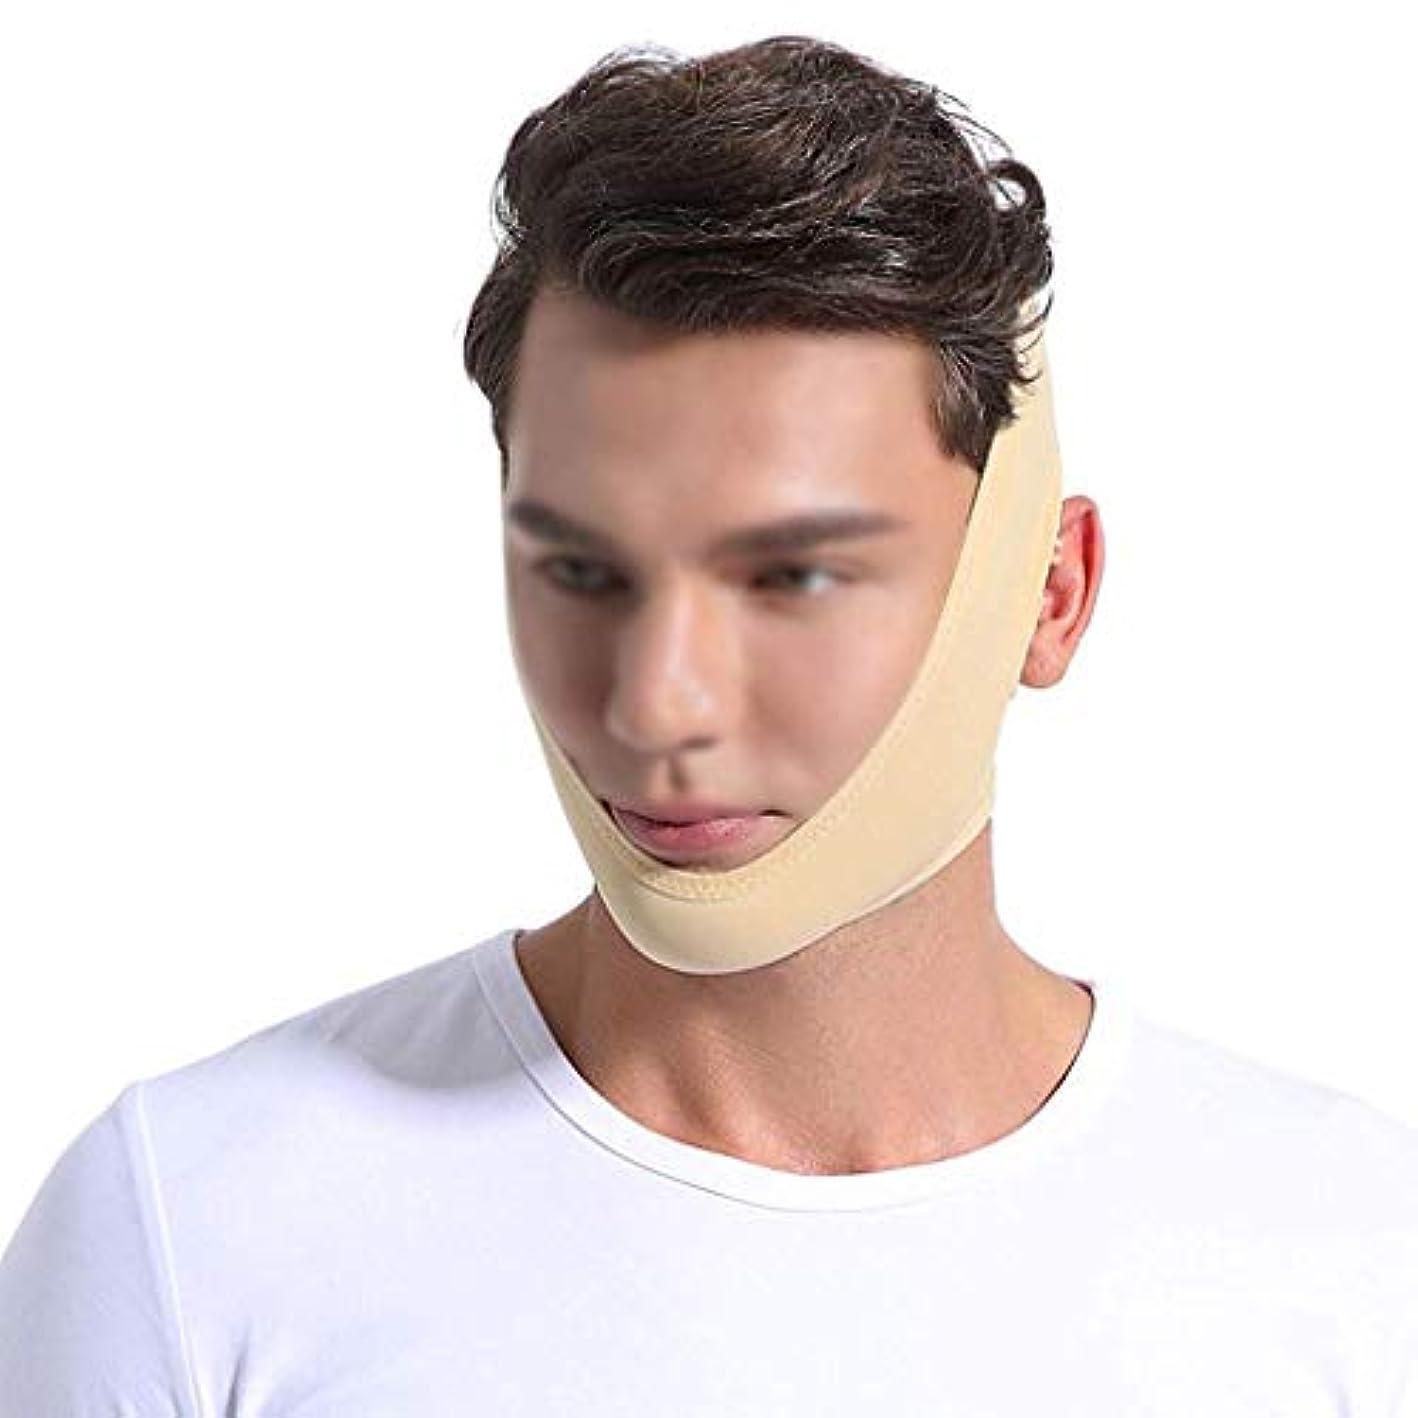 見捨てる電気陽性憲法医療用ワイヤーカービング後、リフティングマスクを再開し、男性と女性の顔の弾性包帯のヘッドギアは小さなVフェイスの薄いフェイスマスクを結びました